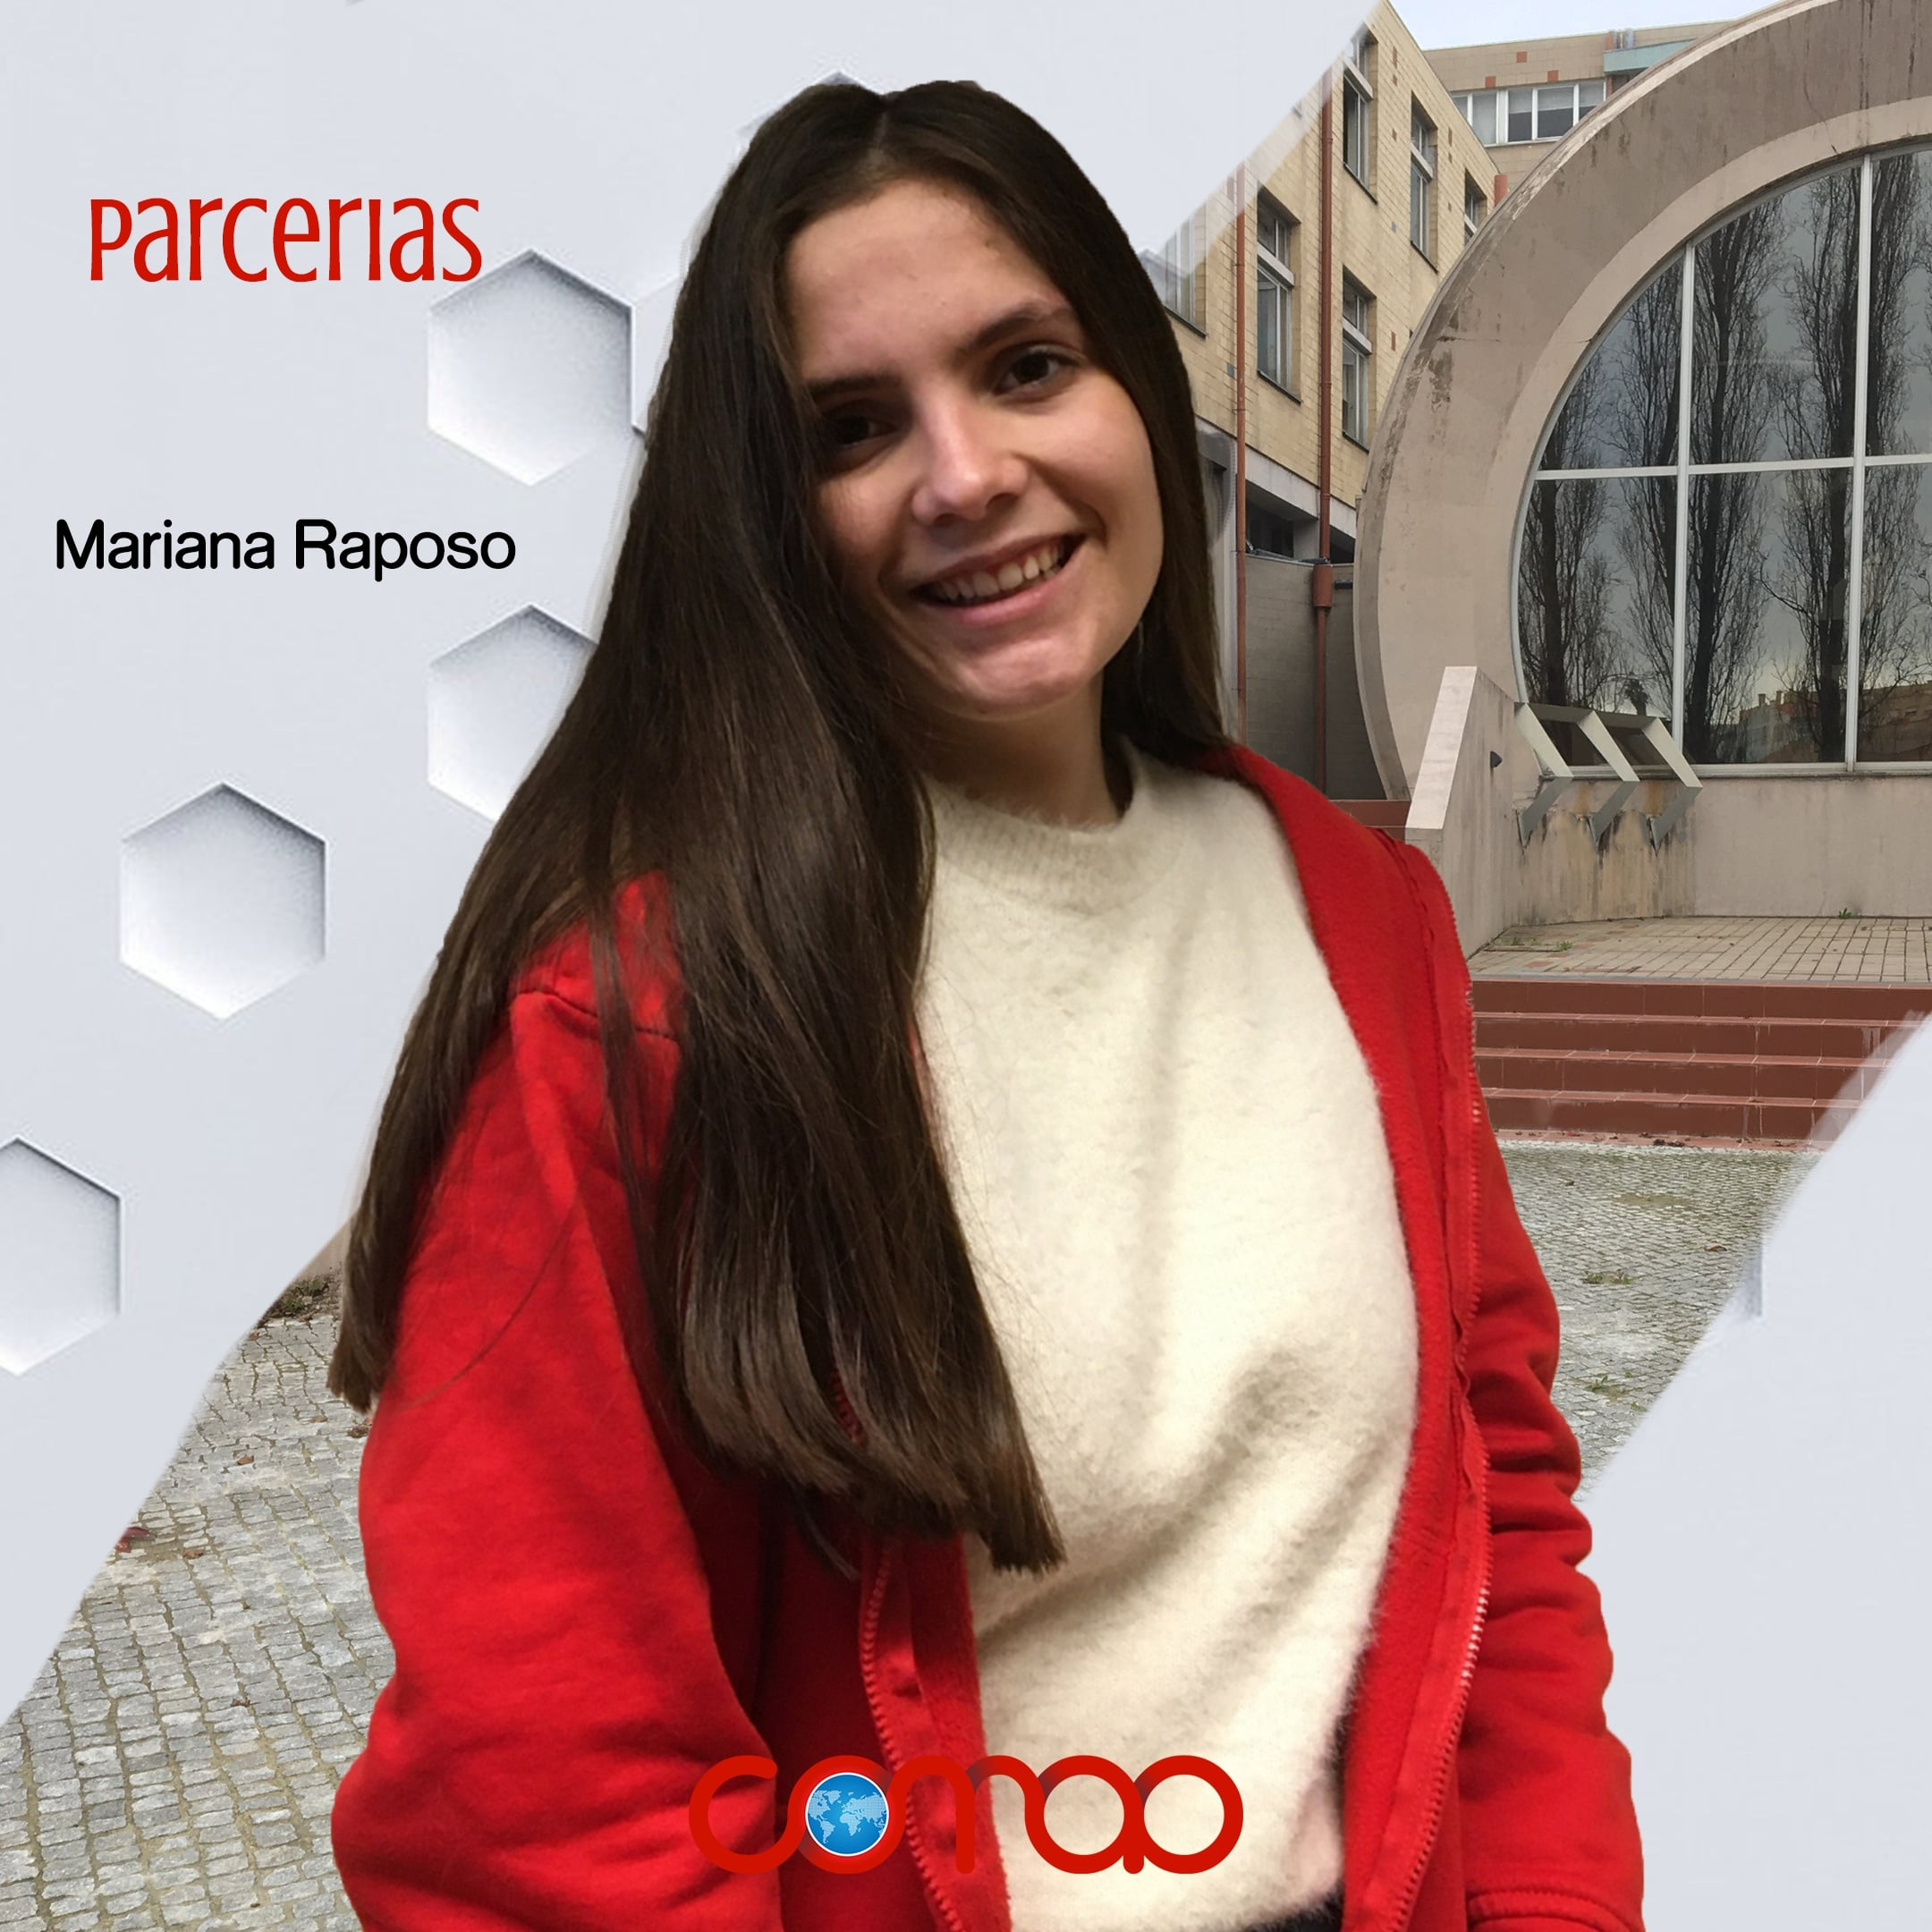 Mariana Raposo